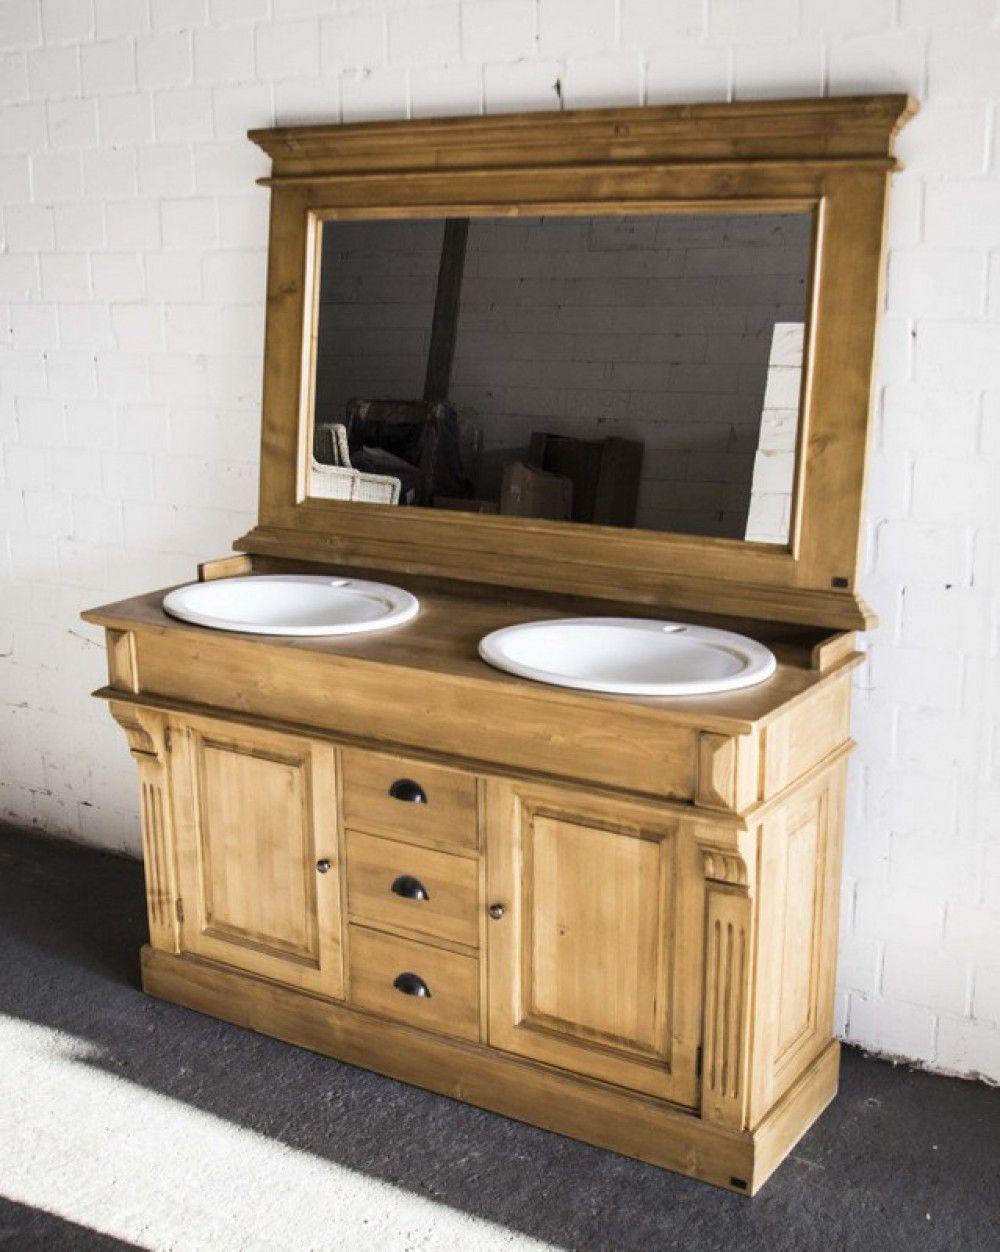 Waschtisch, Doppelwaschtisch Im Landhausstil, Spiegel Optional   Bad /  Waschtische / Badmöbel   Landhaus